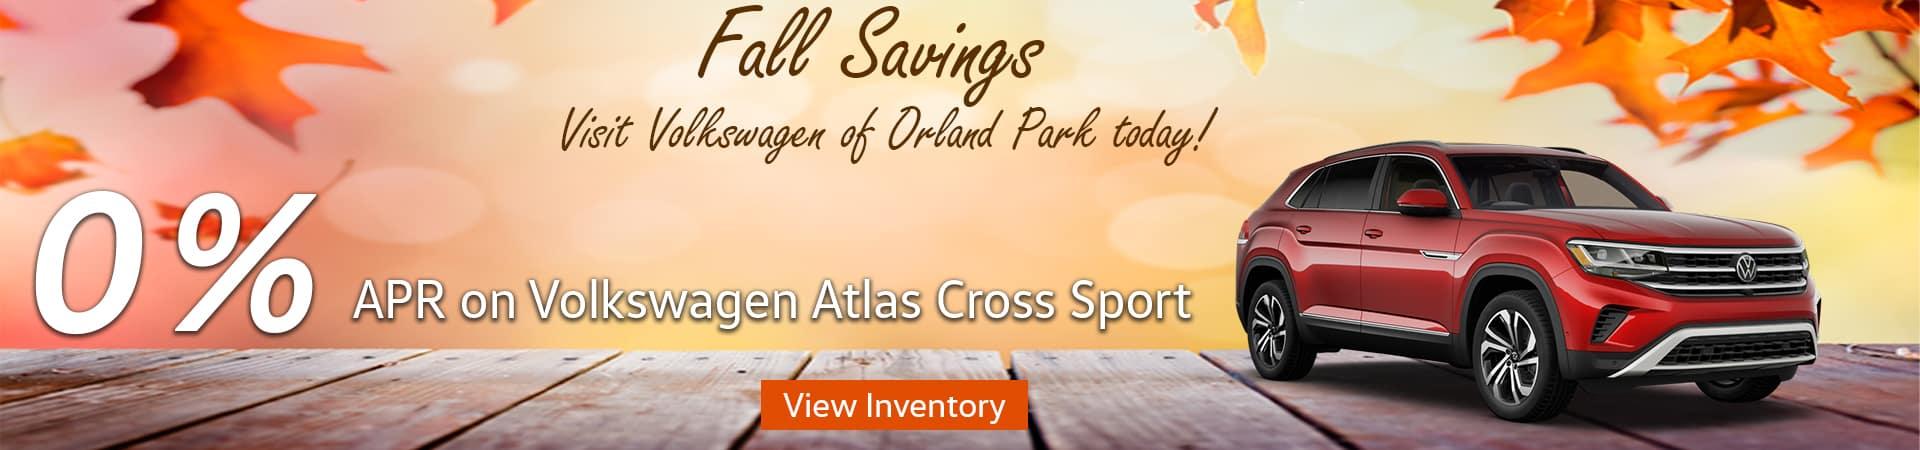 Atlas Cross Sport 0% APR 10-7